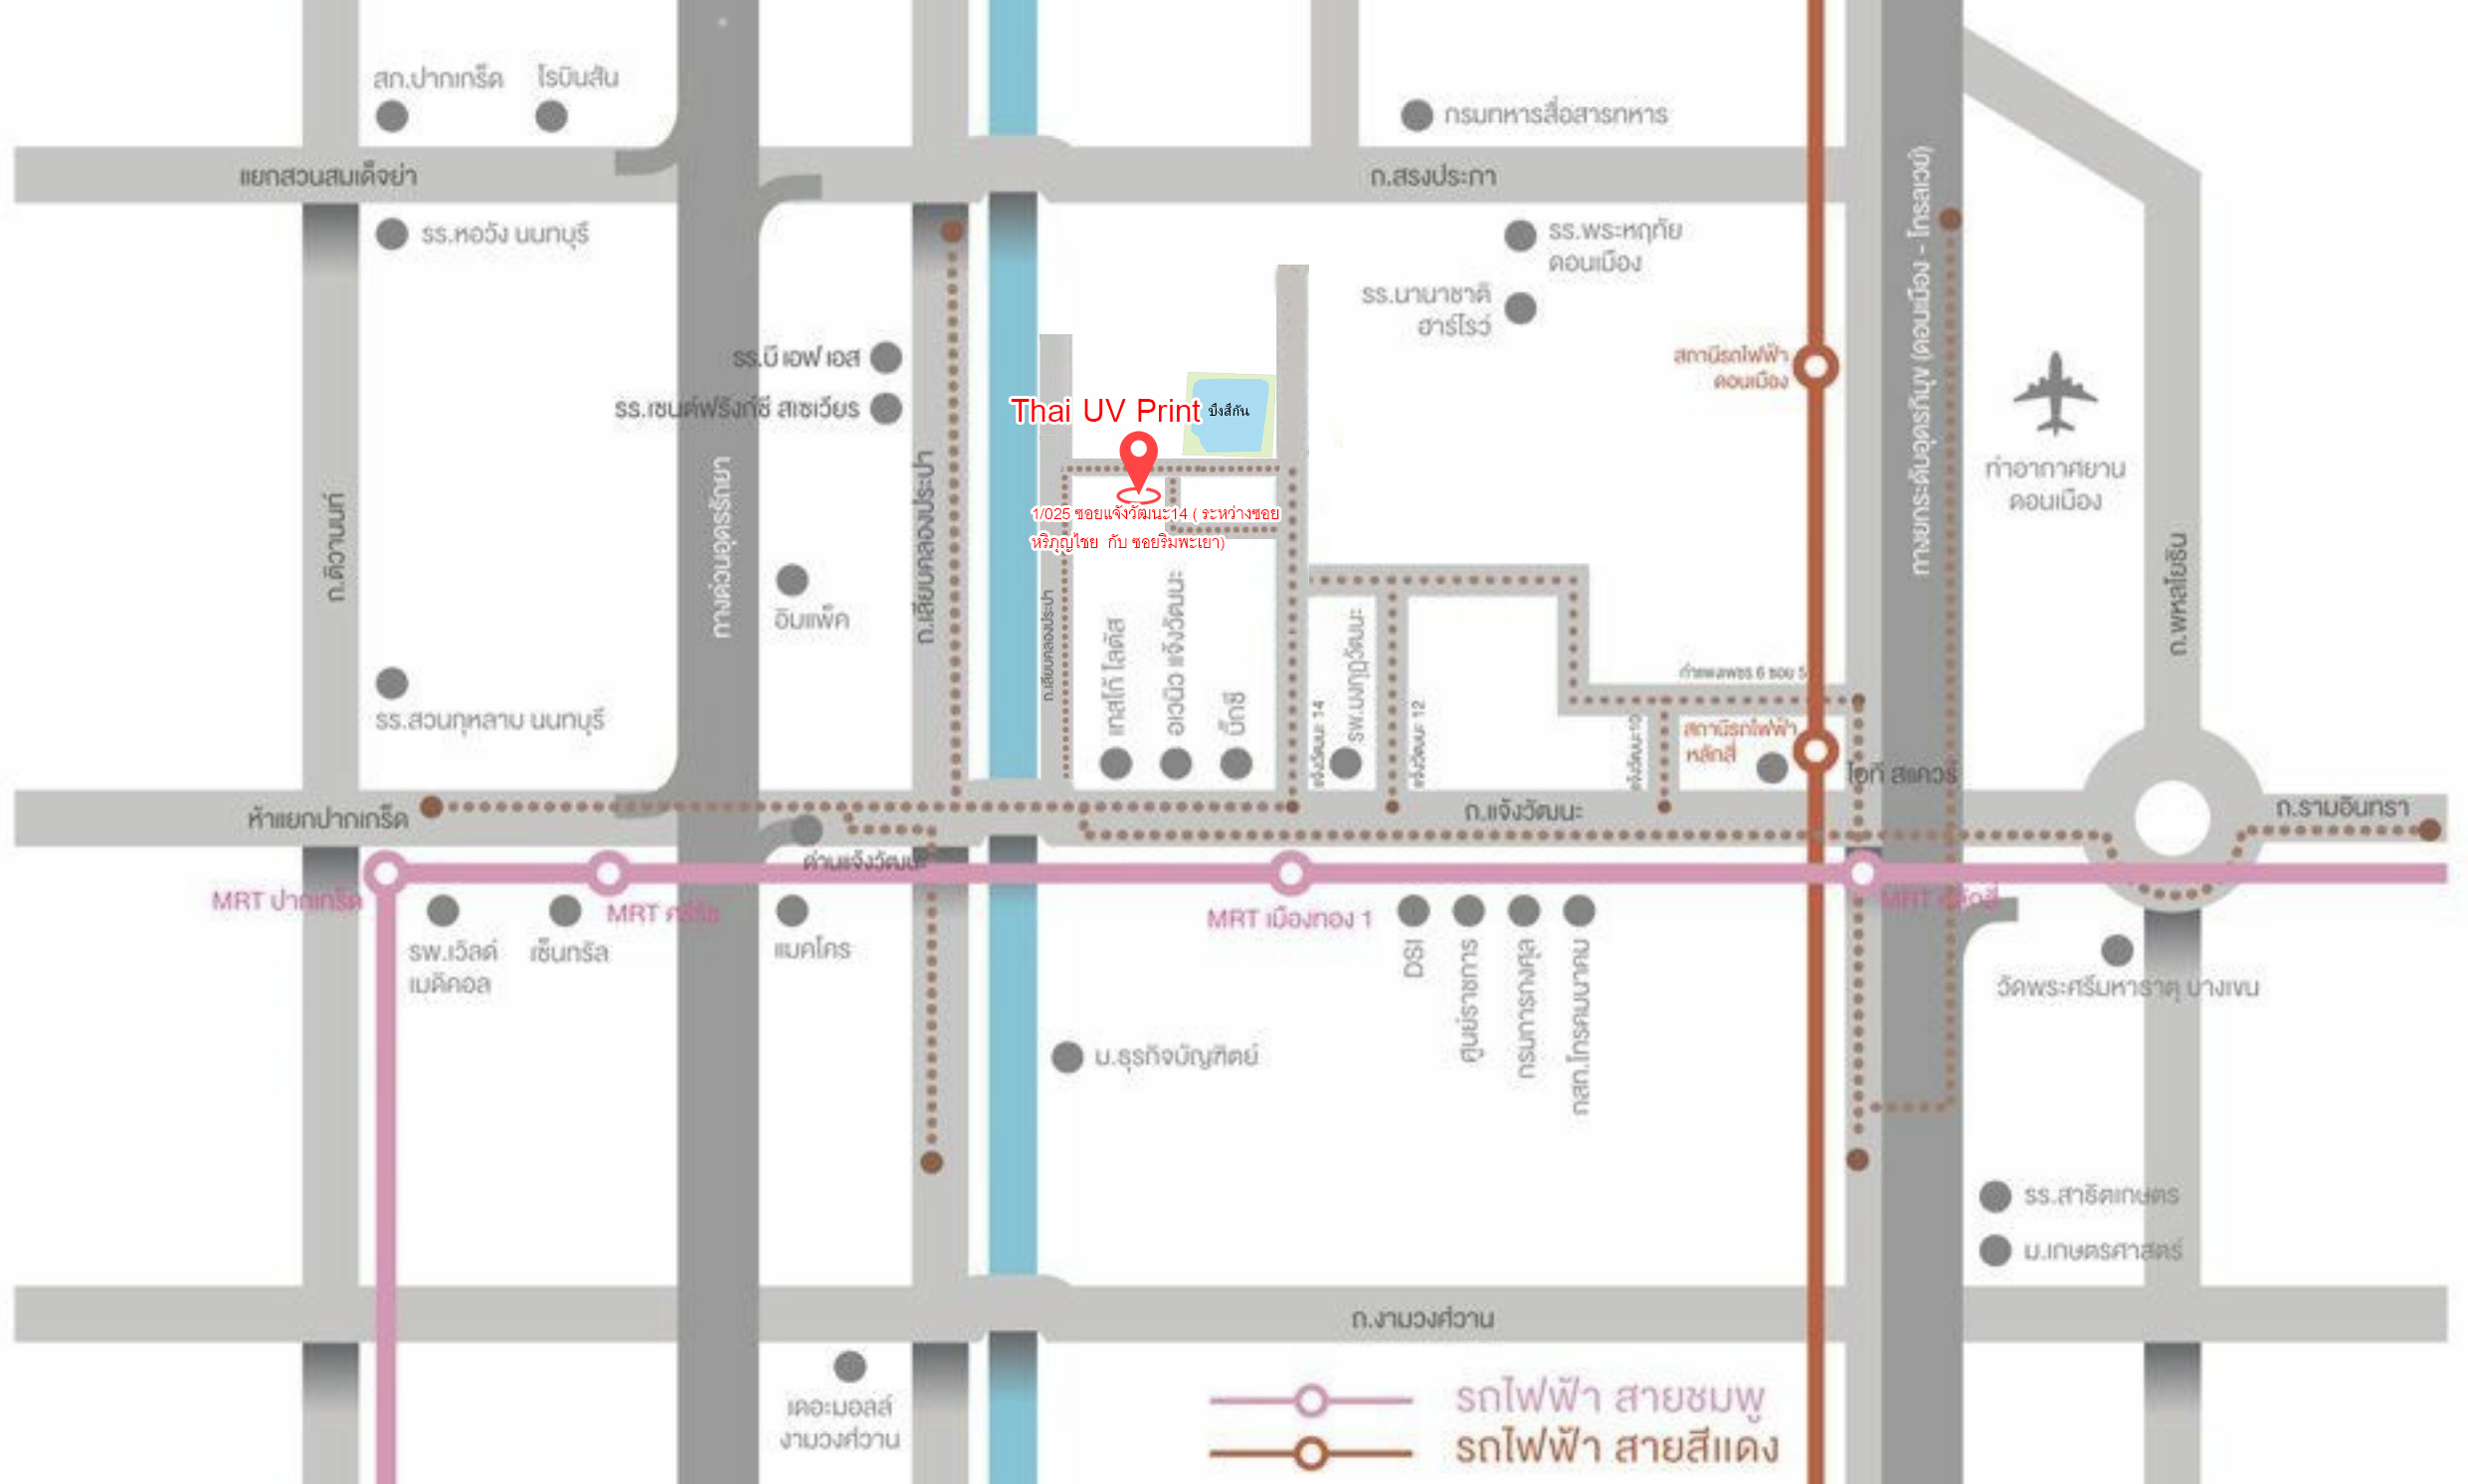 ร้าน Thaiuvprint แผนที่ เมืองทอง นิเวศน์ 1 ซอยริมพะเยา